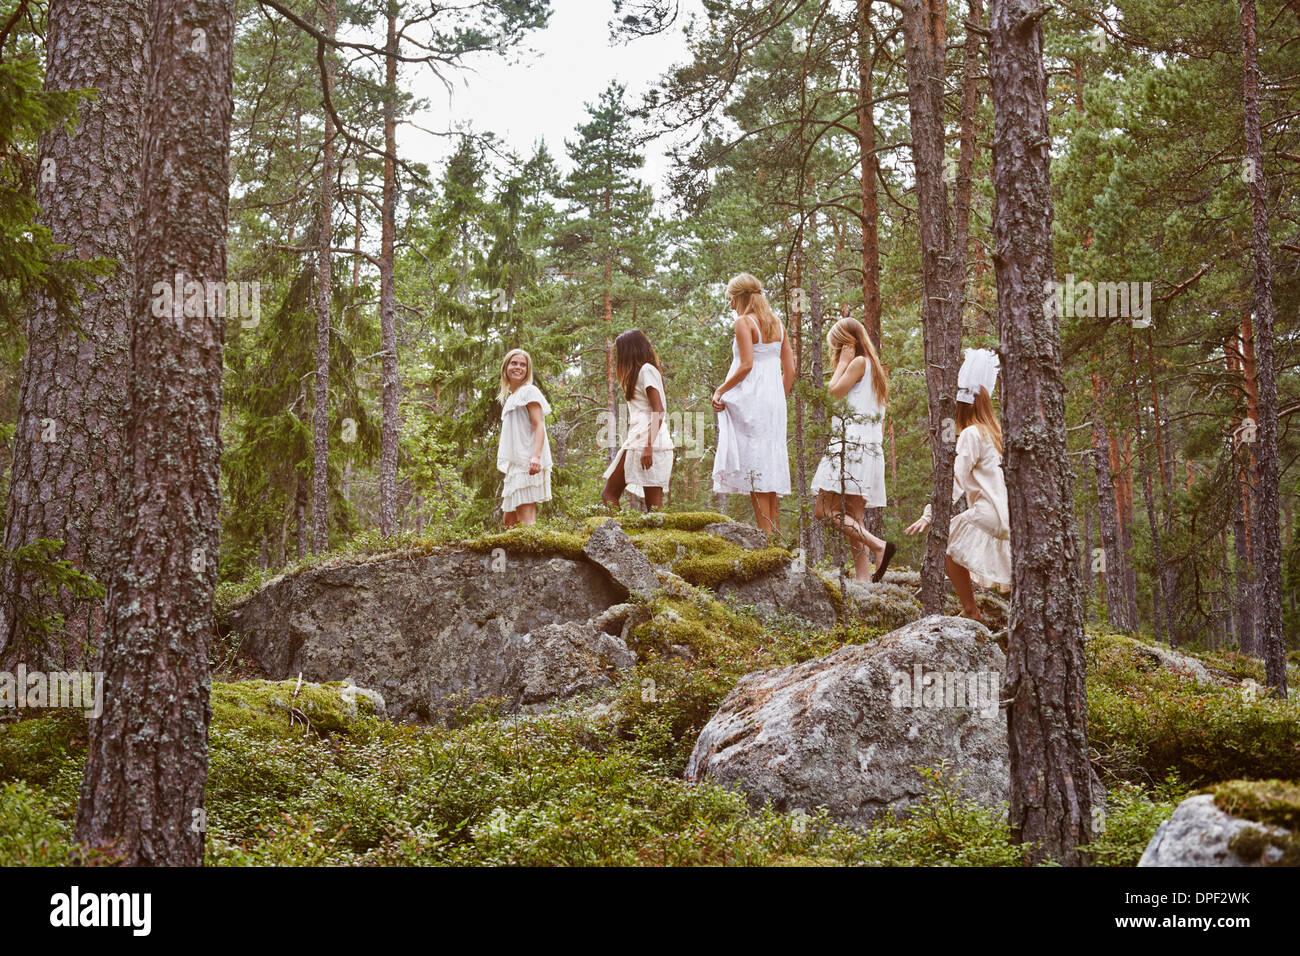 Mädchen im Teenageralter zu Fuß über die Felsen im Wald Stockbild